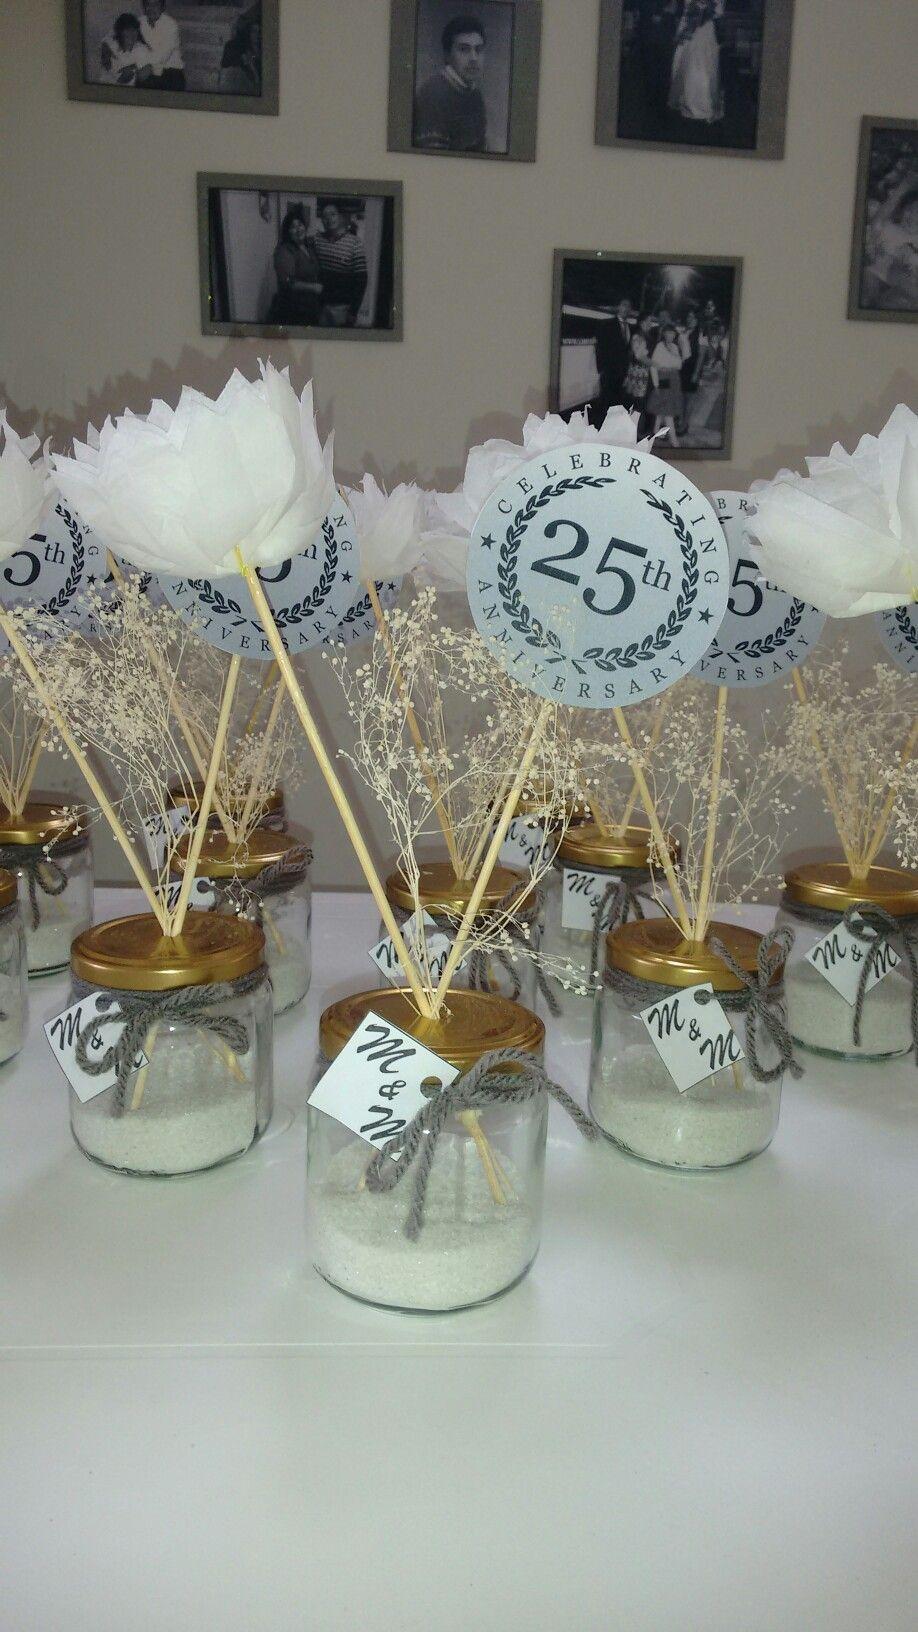 Centros de mesa bodas de plata ideas para fiesta - Decoracion para bodas de plata ...